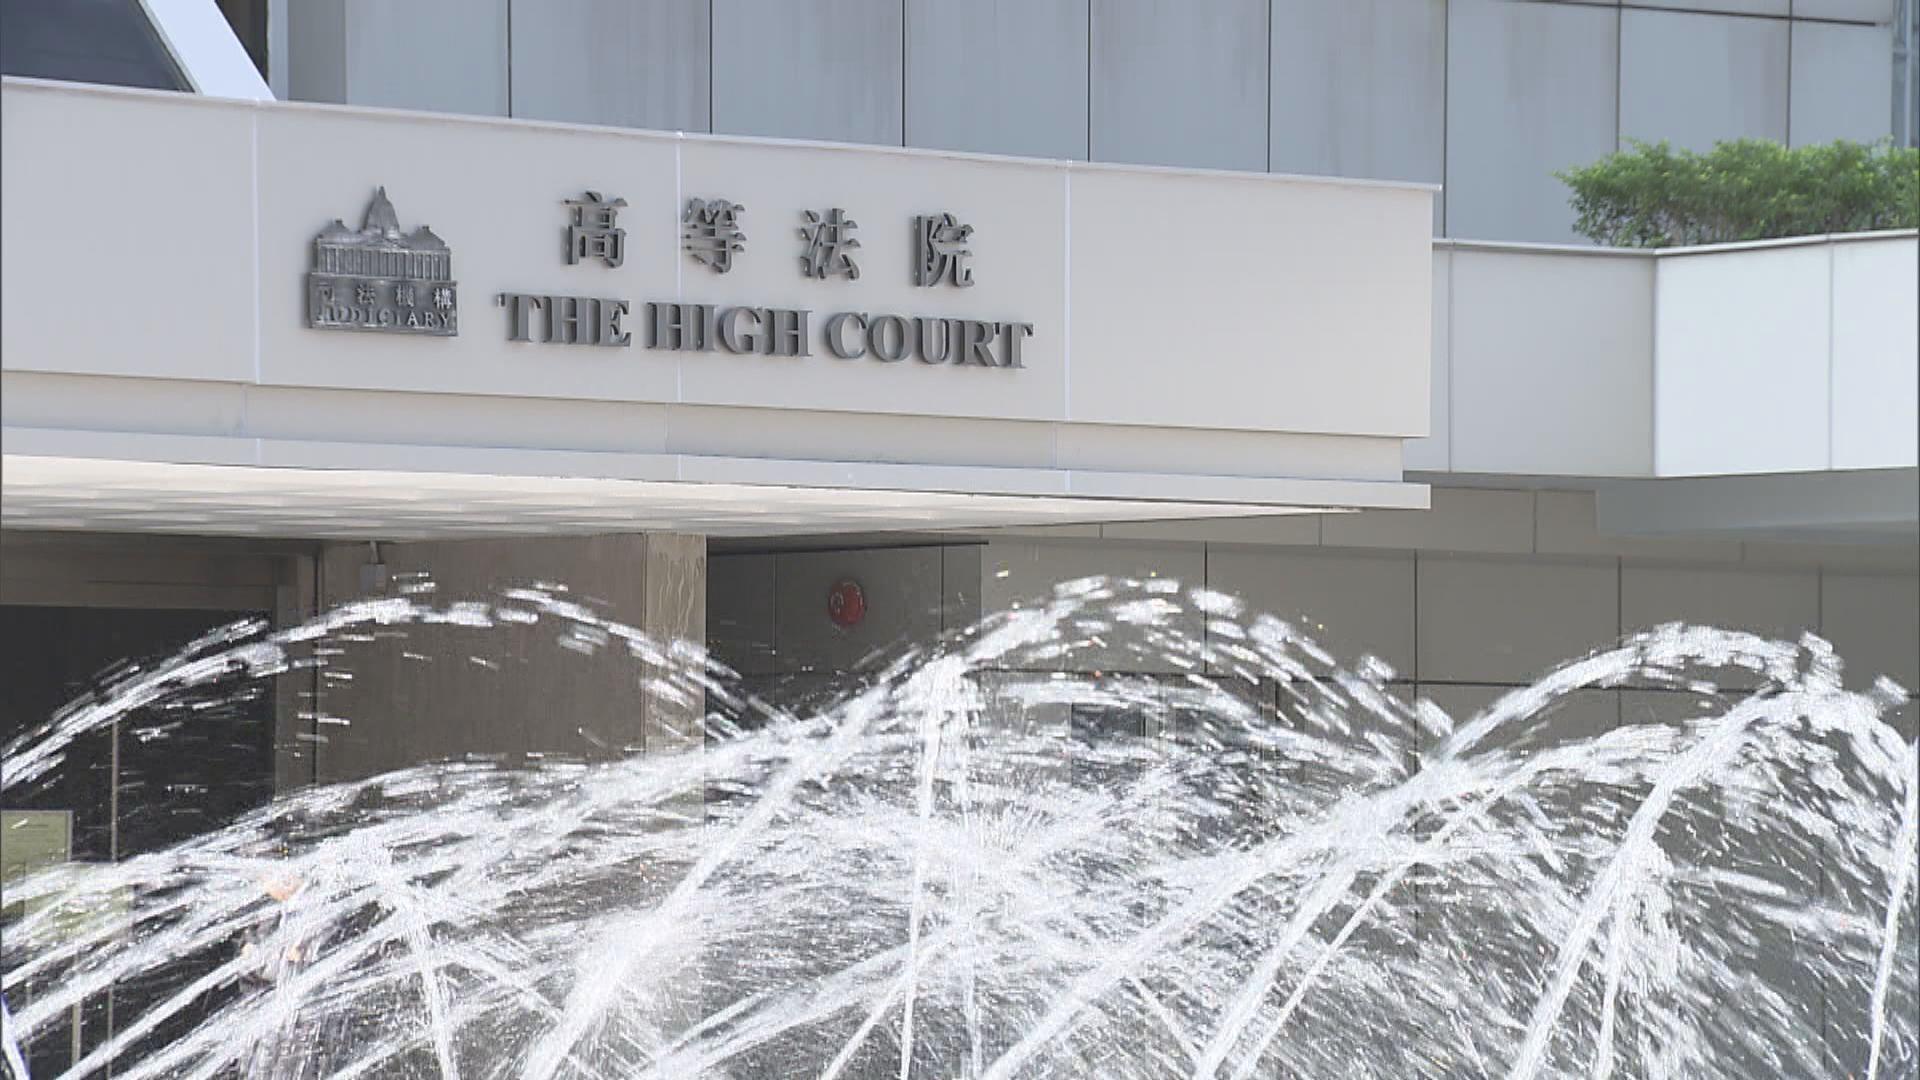 黃大仙車房爆炸案 法官批被告大安旨意違反謹慎責任